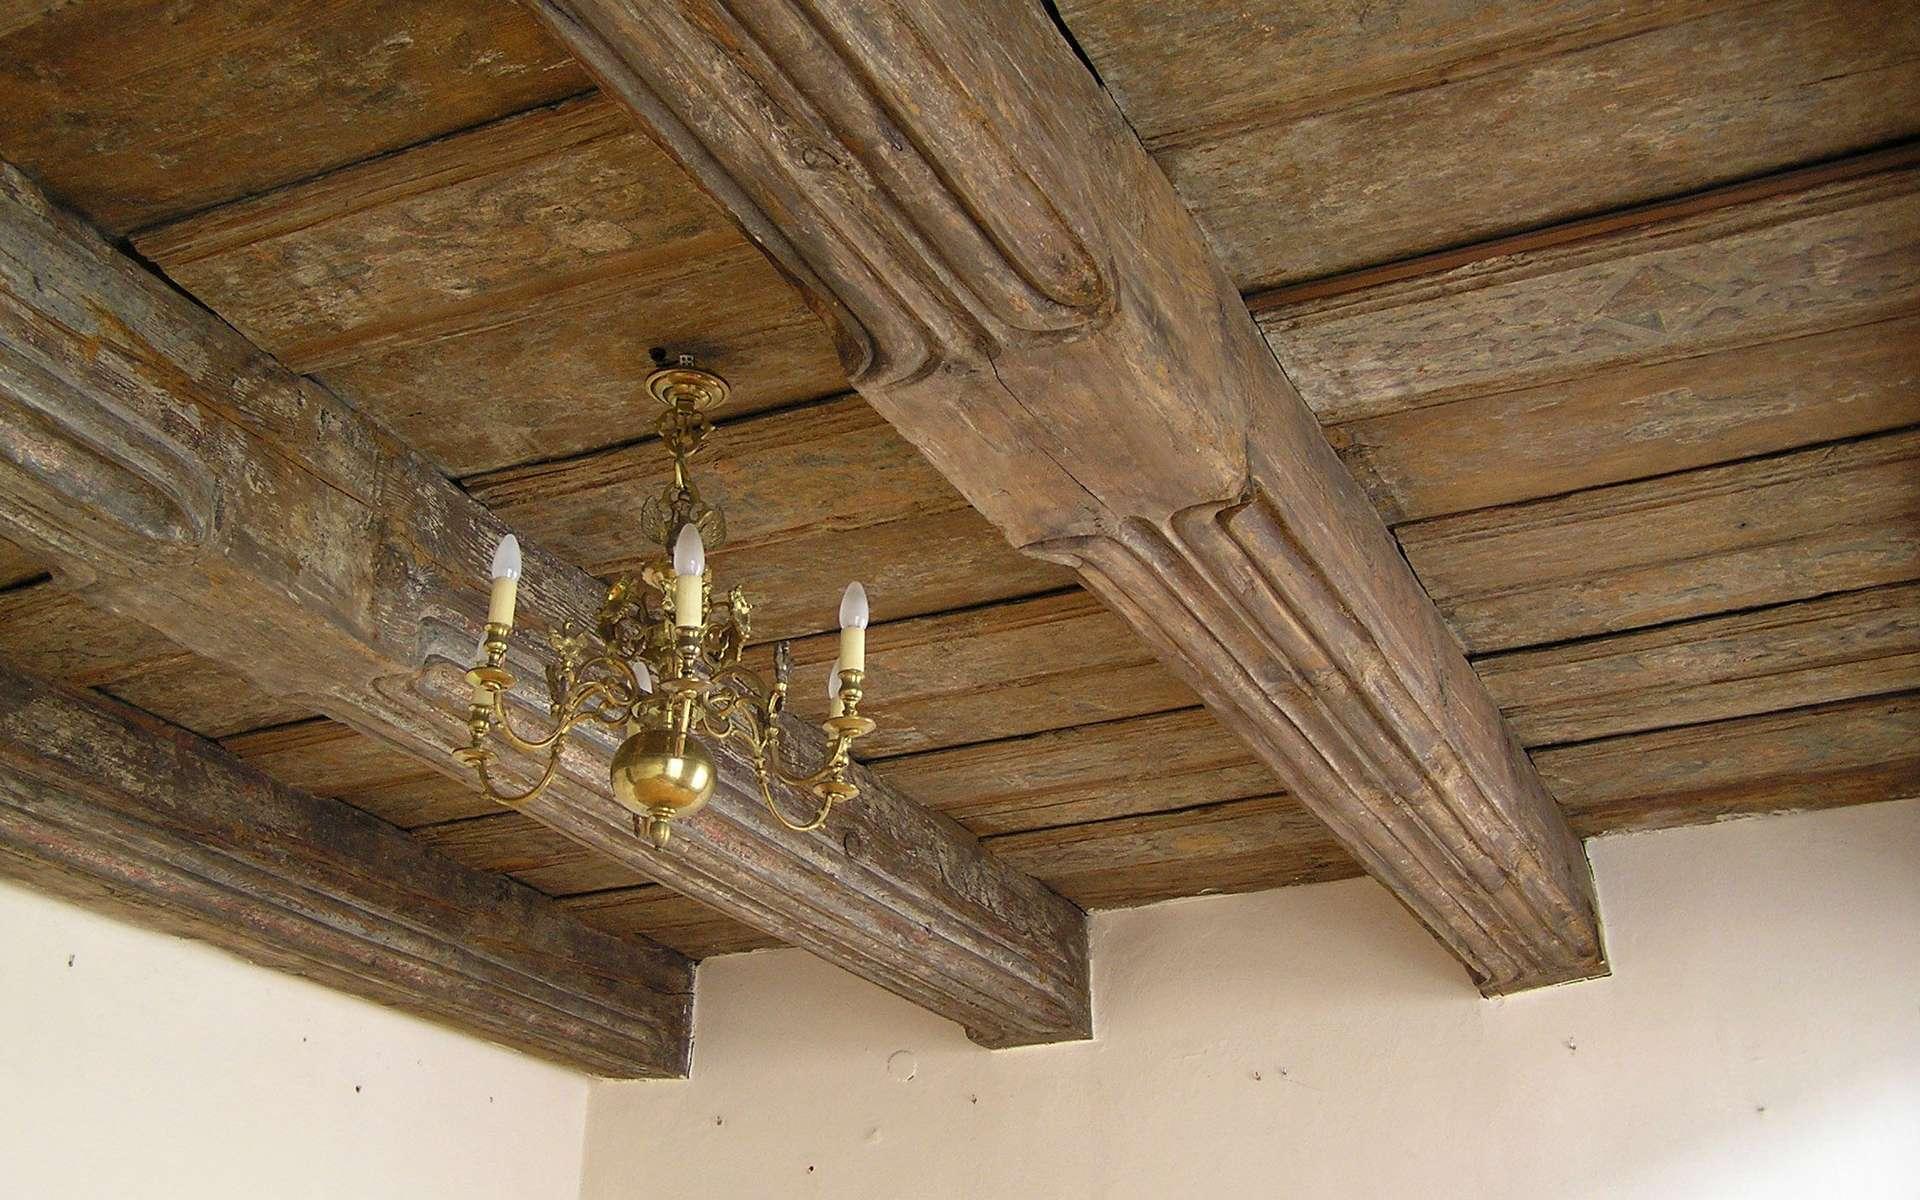 La poutraison est l'ensemble des poutres qui soutient une charpente ou un plancher. Ici une poutraison en bois. © Pko, CC BY SA 2.5, Wikipedia Commons